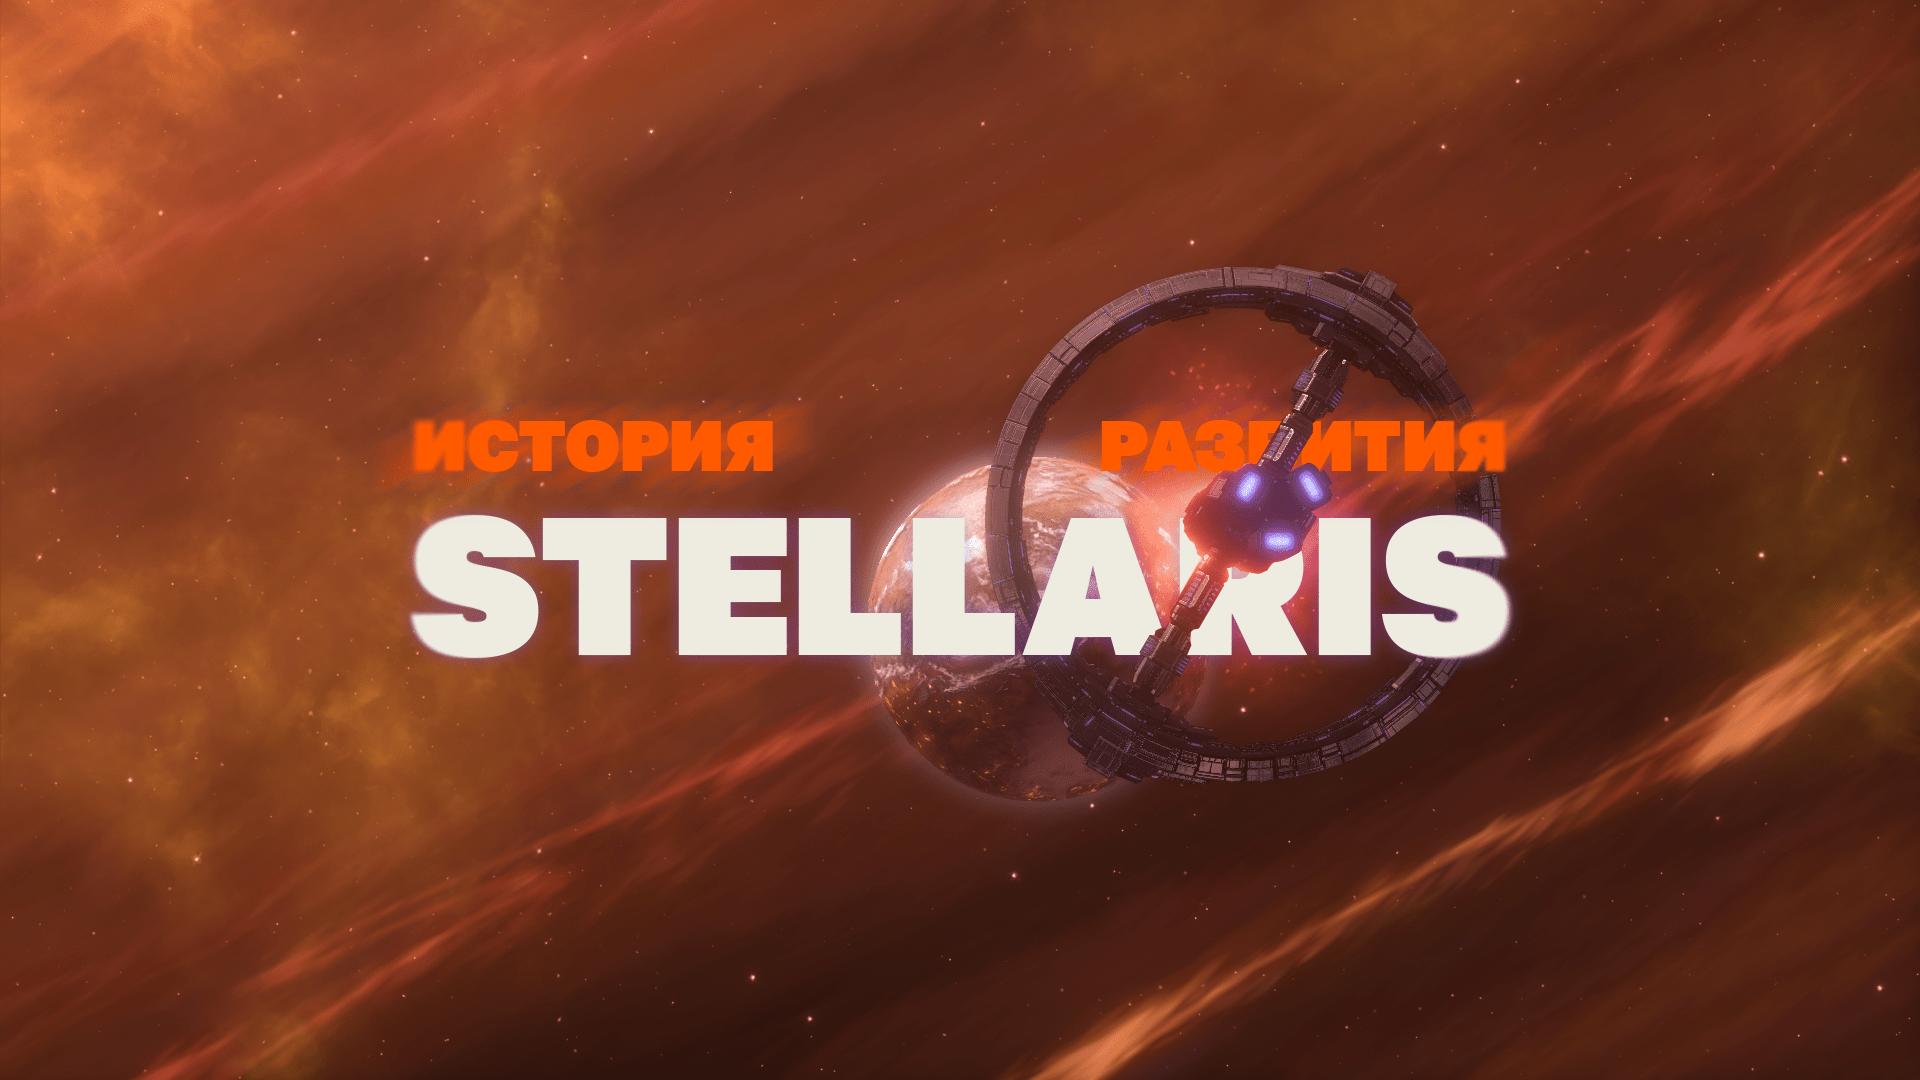 Лонгрид: История развития Stellaris